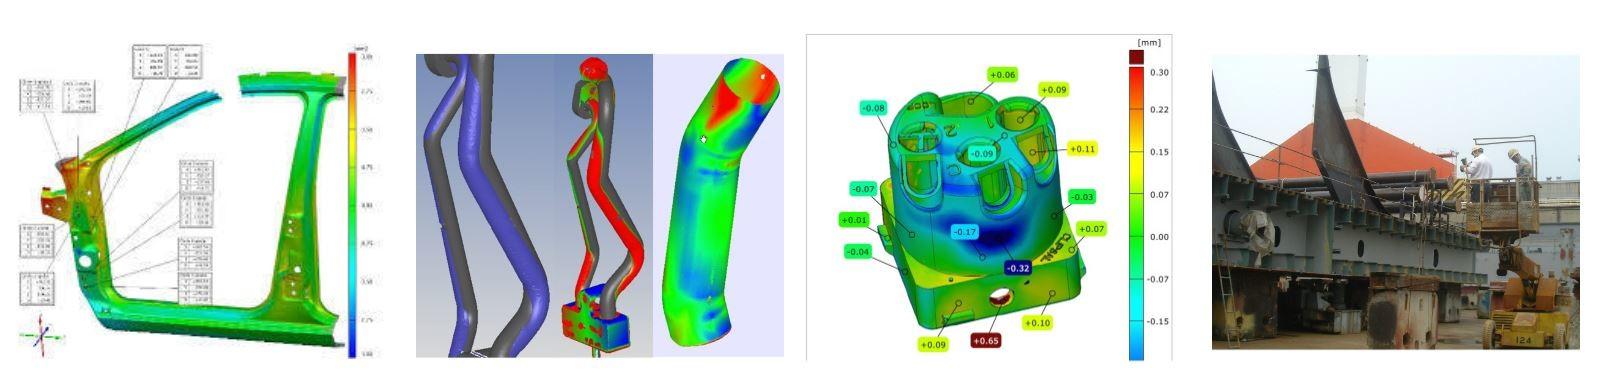 Kiểm tra 3D quang số | Dùng máy quét 3D kiểm tra kích thước, biên dạng sản phẩm độ chính xác cao. SP nhựa, ép nhựa, cơ khí, đúc, CNC. TPHCM / đo kích thước.